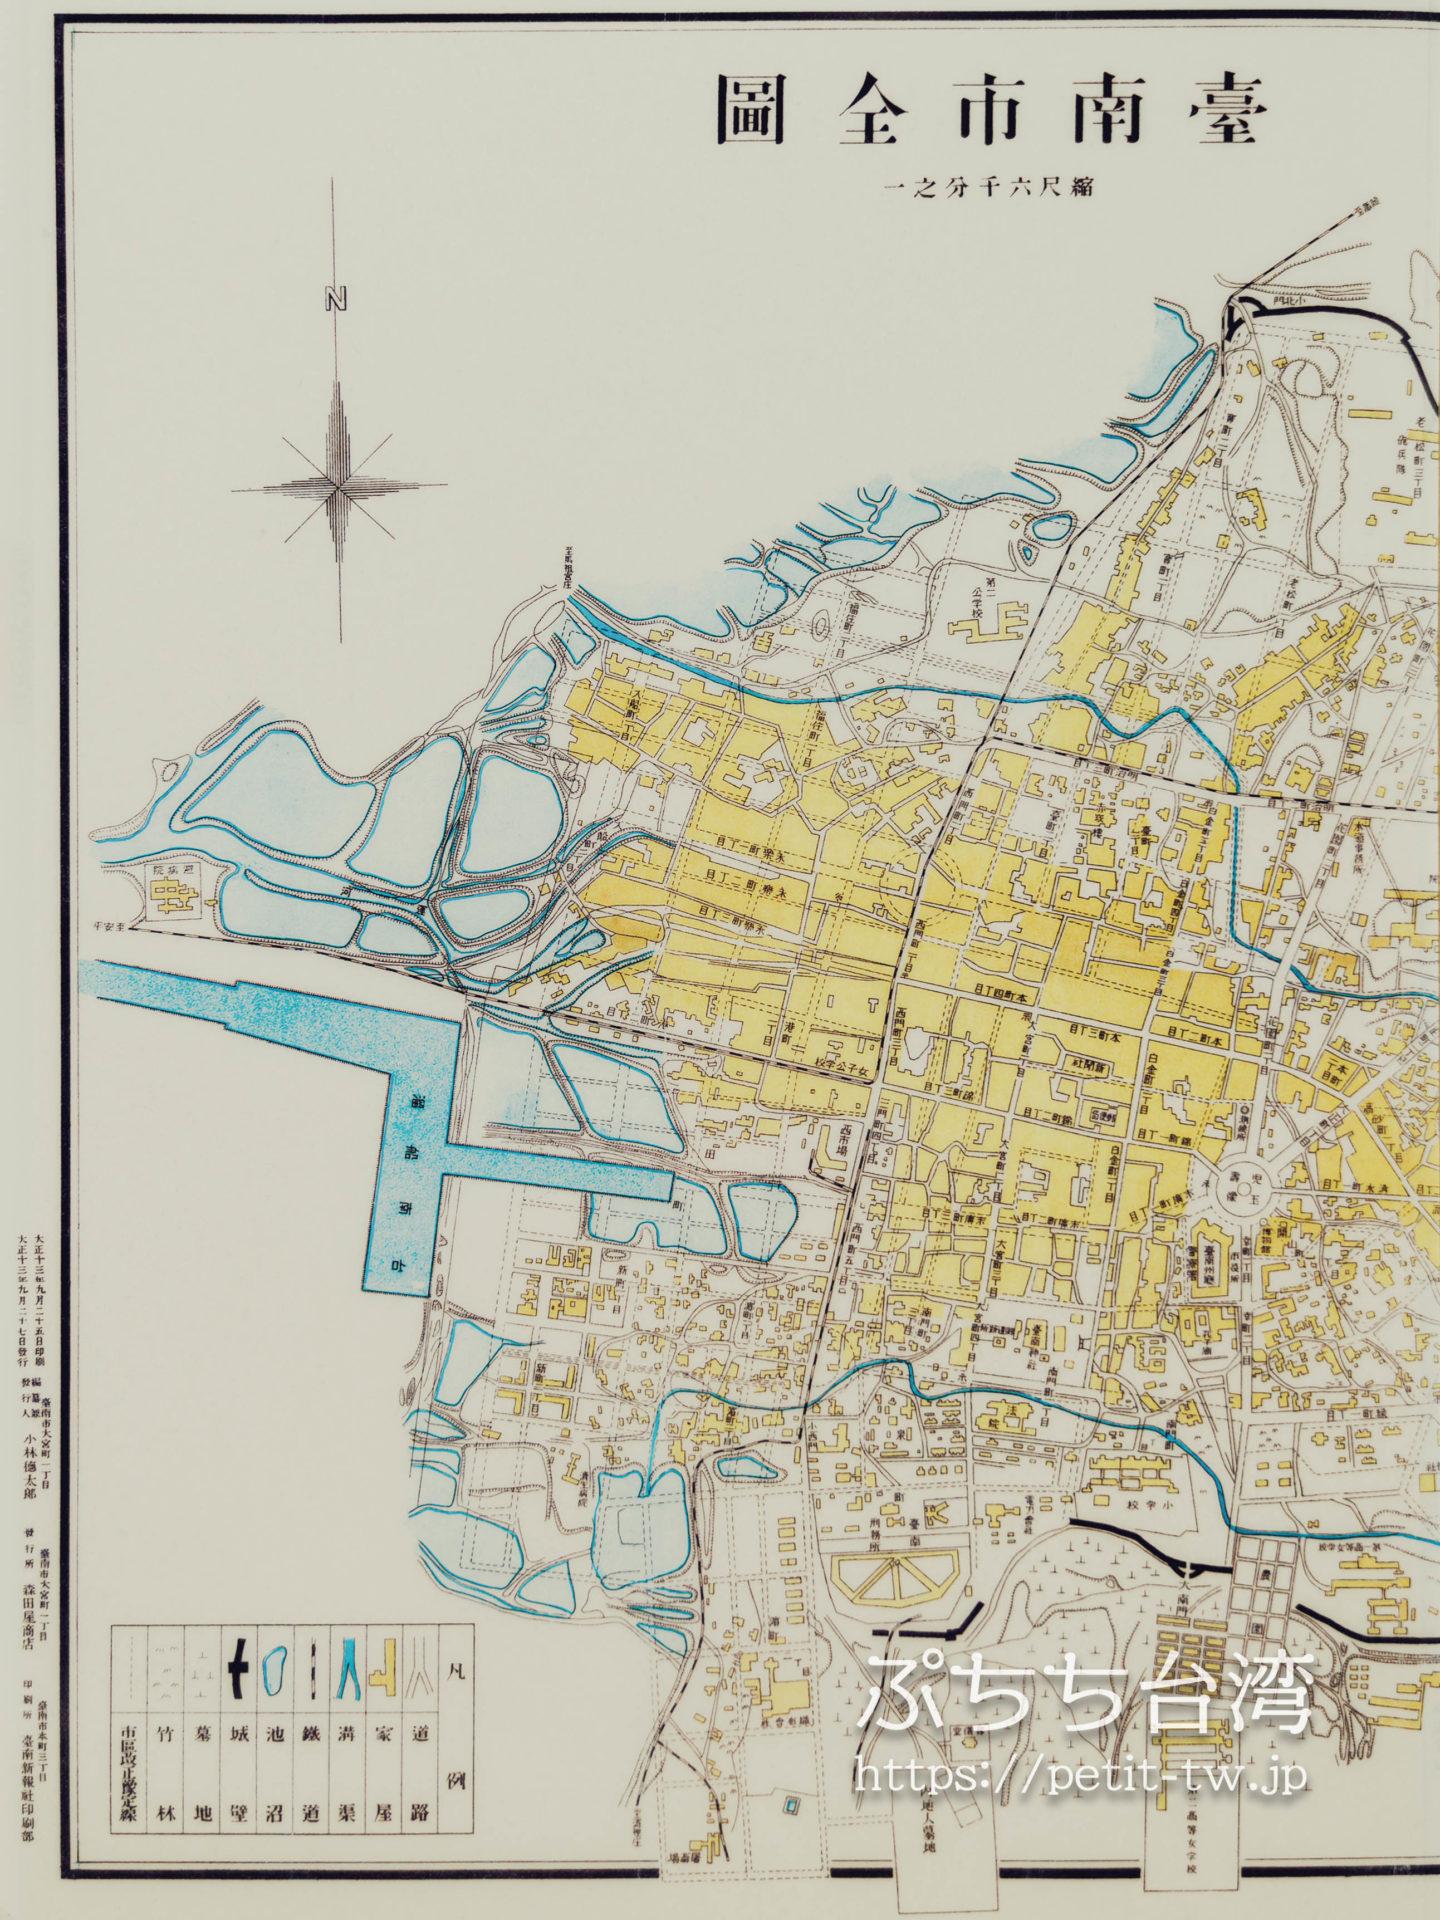 台南市全図(1924年、大正13年)